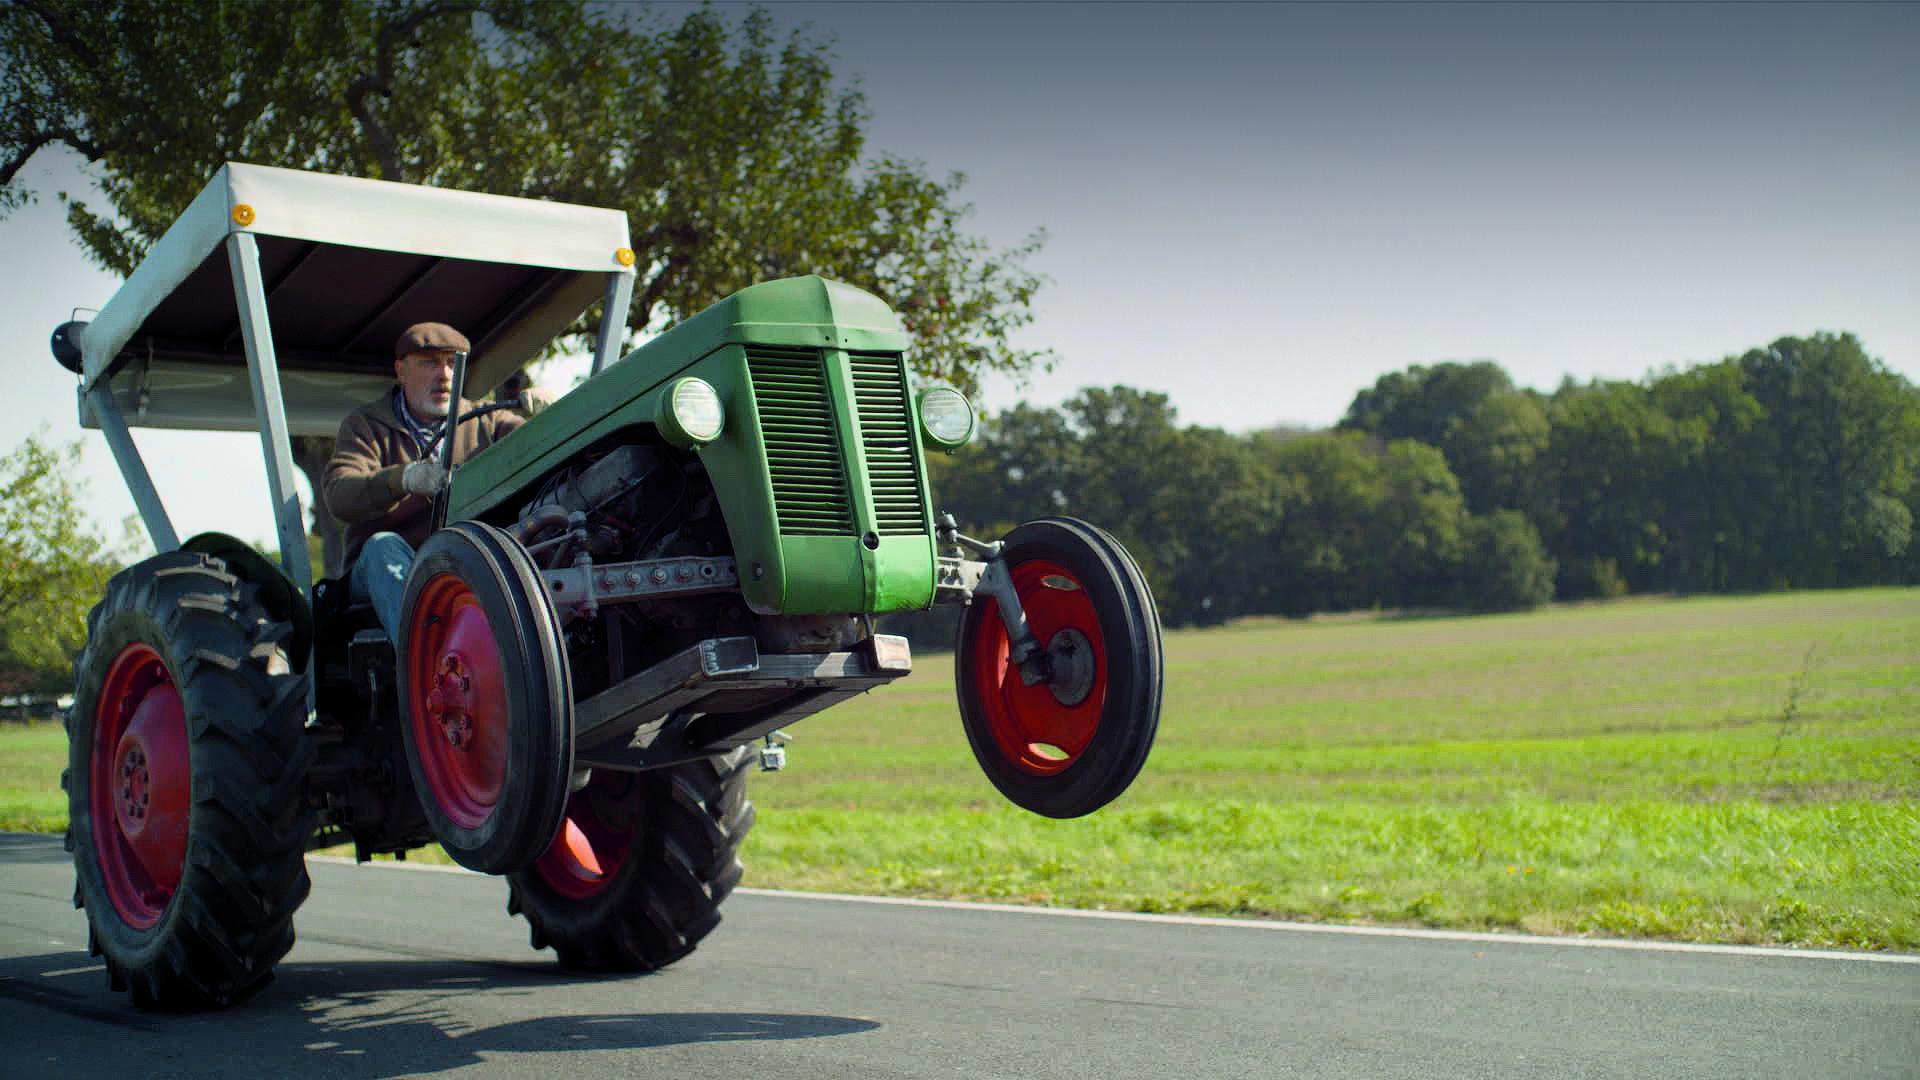 Житель Тверской области лишился 50 тысяч, не сумев купить трактор